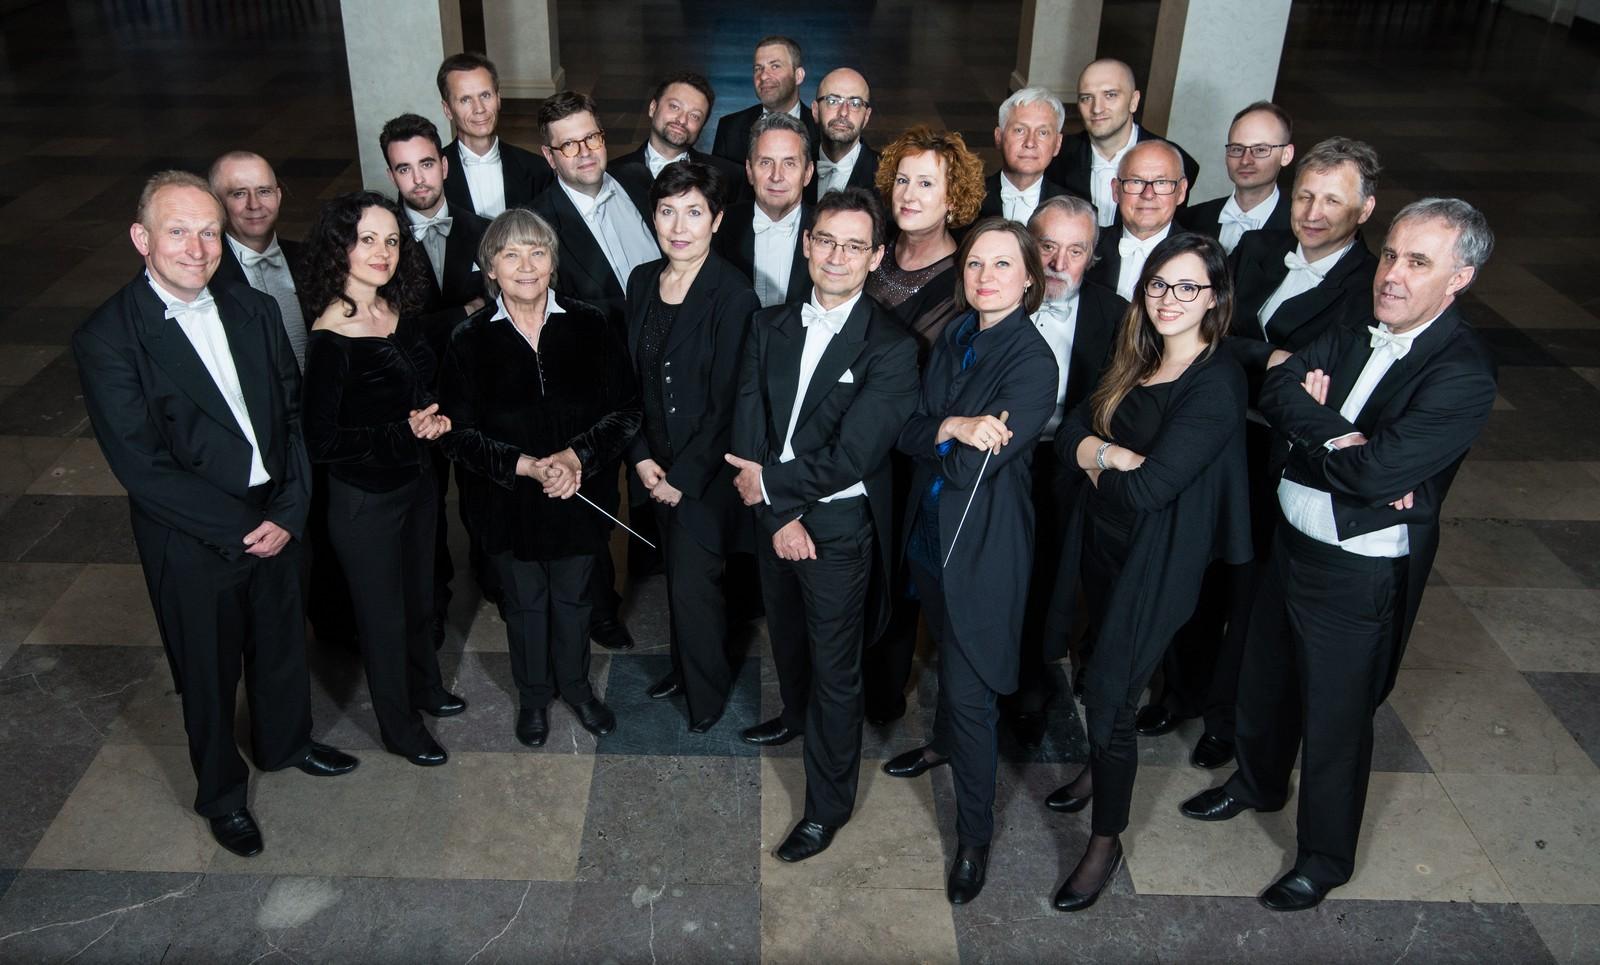 Orkiestra Polskiego Radia Amadeus